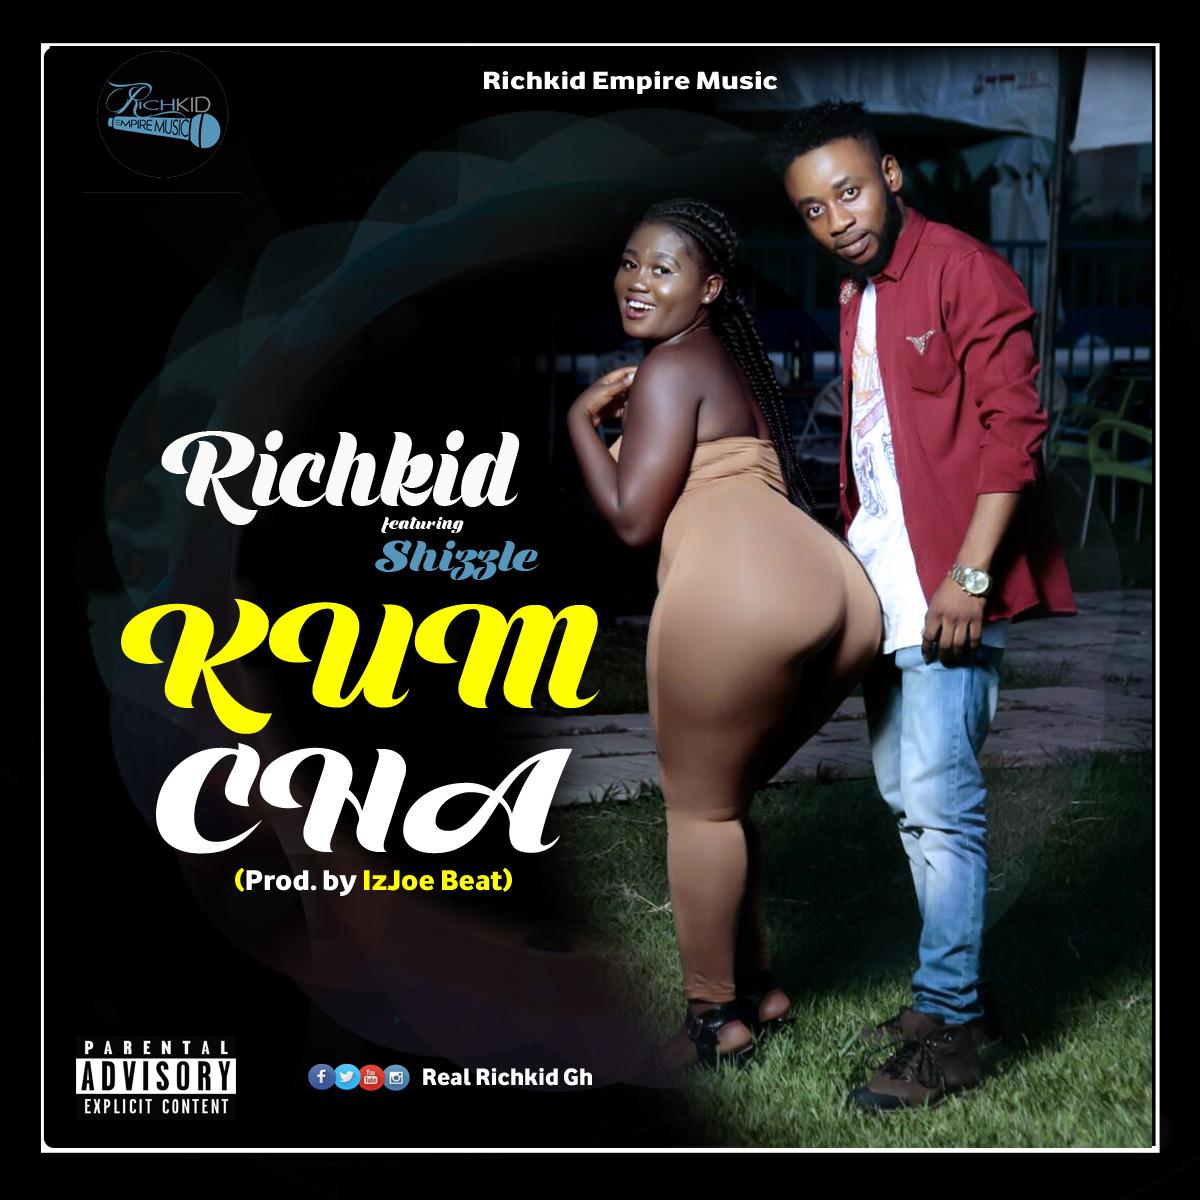 Richkid - Kumcha - ft. Shizzle (Prod. By IzJoe Beat)